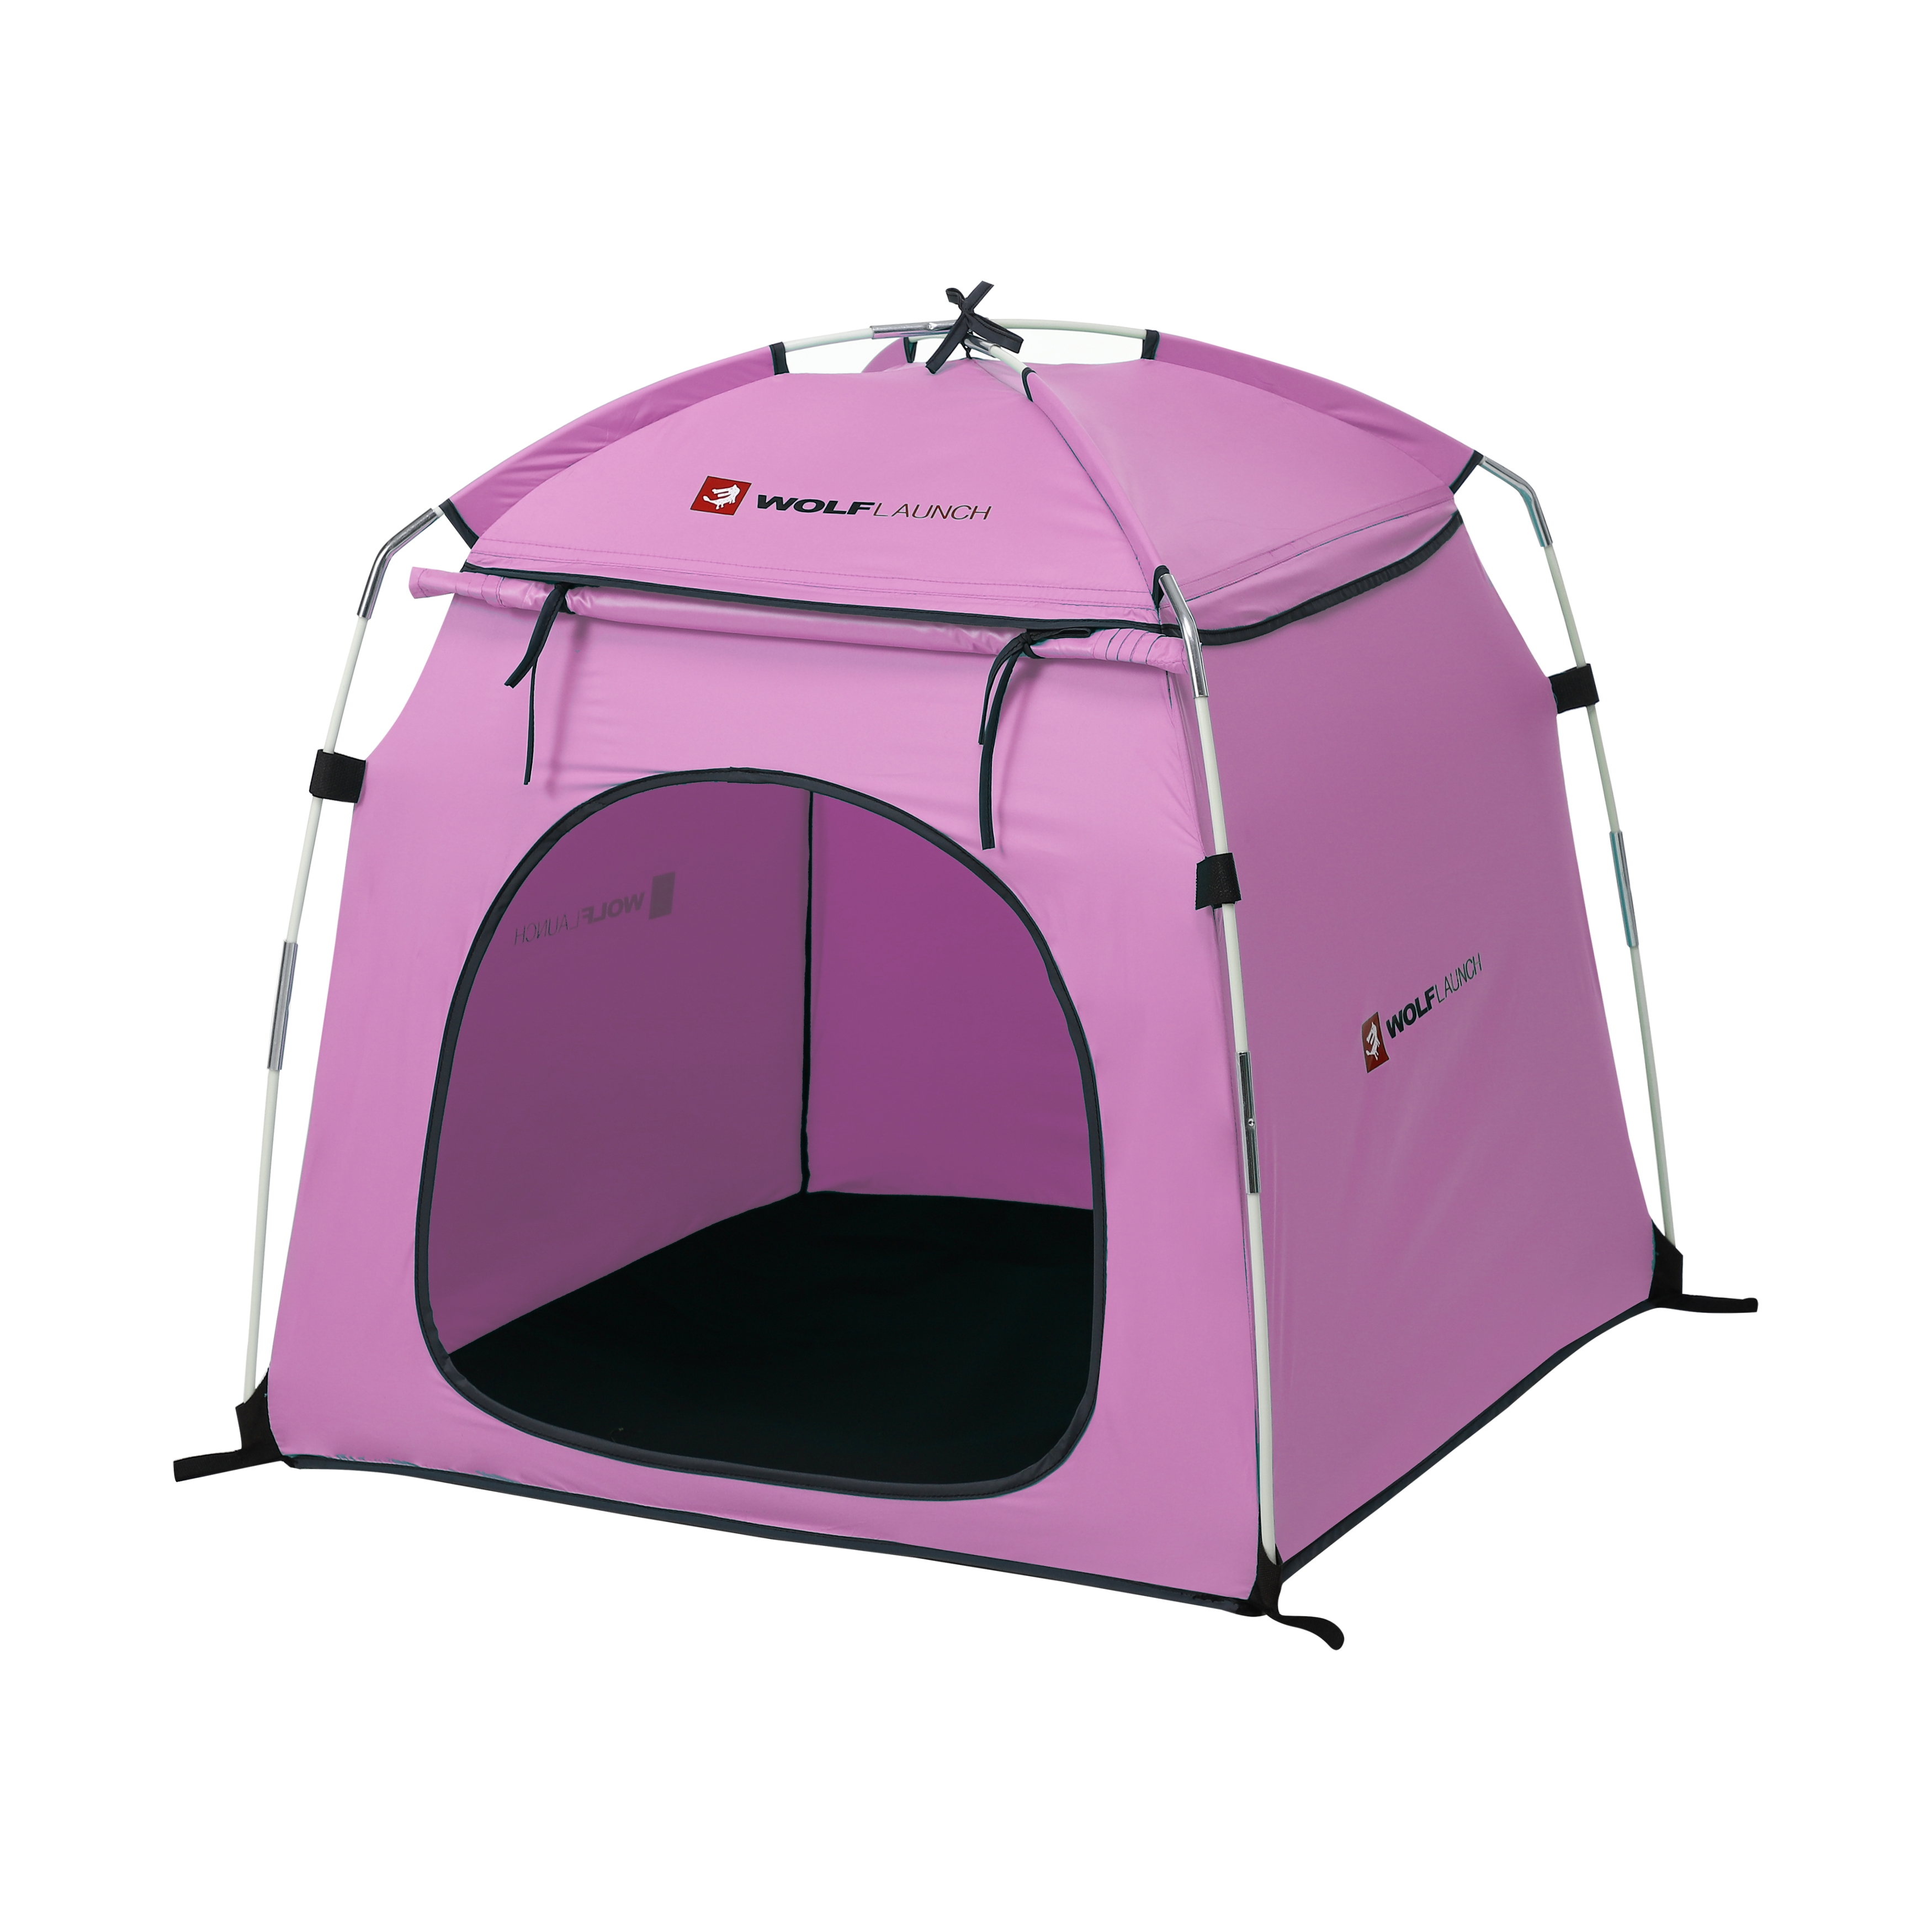 울프라운치 반려동물 펫텐트 하우스, 핑크